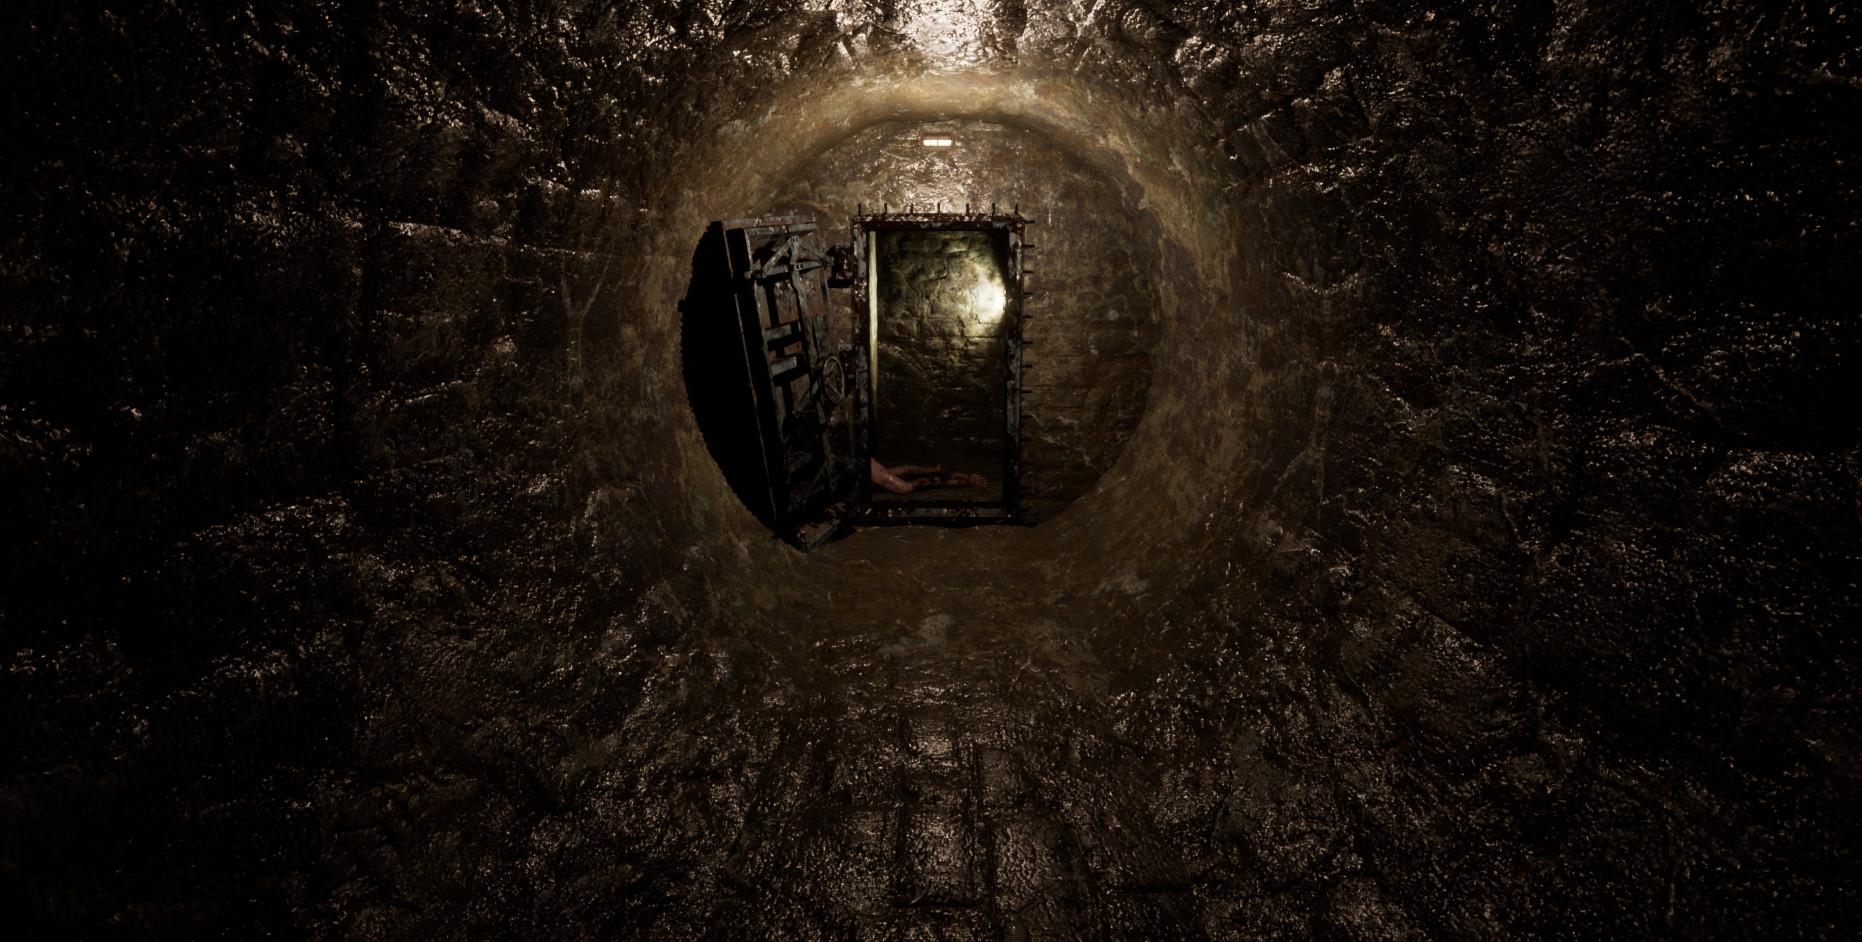 Adam – Lost Memories is true, unforgiving fear